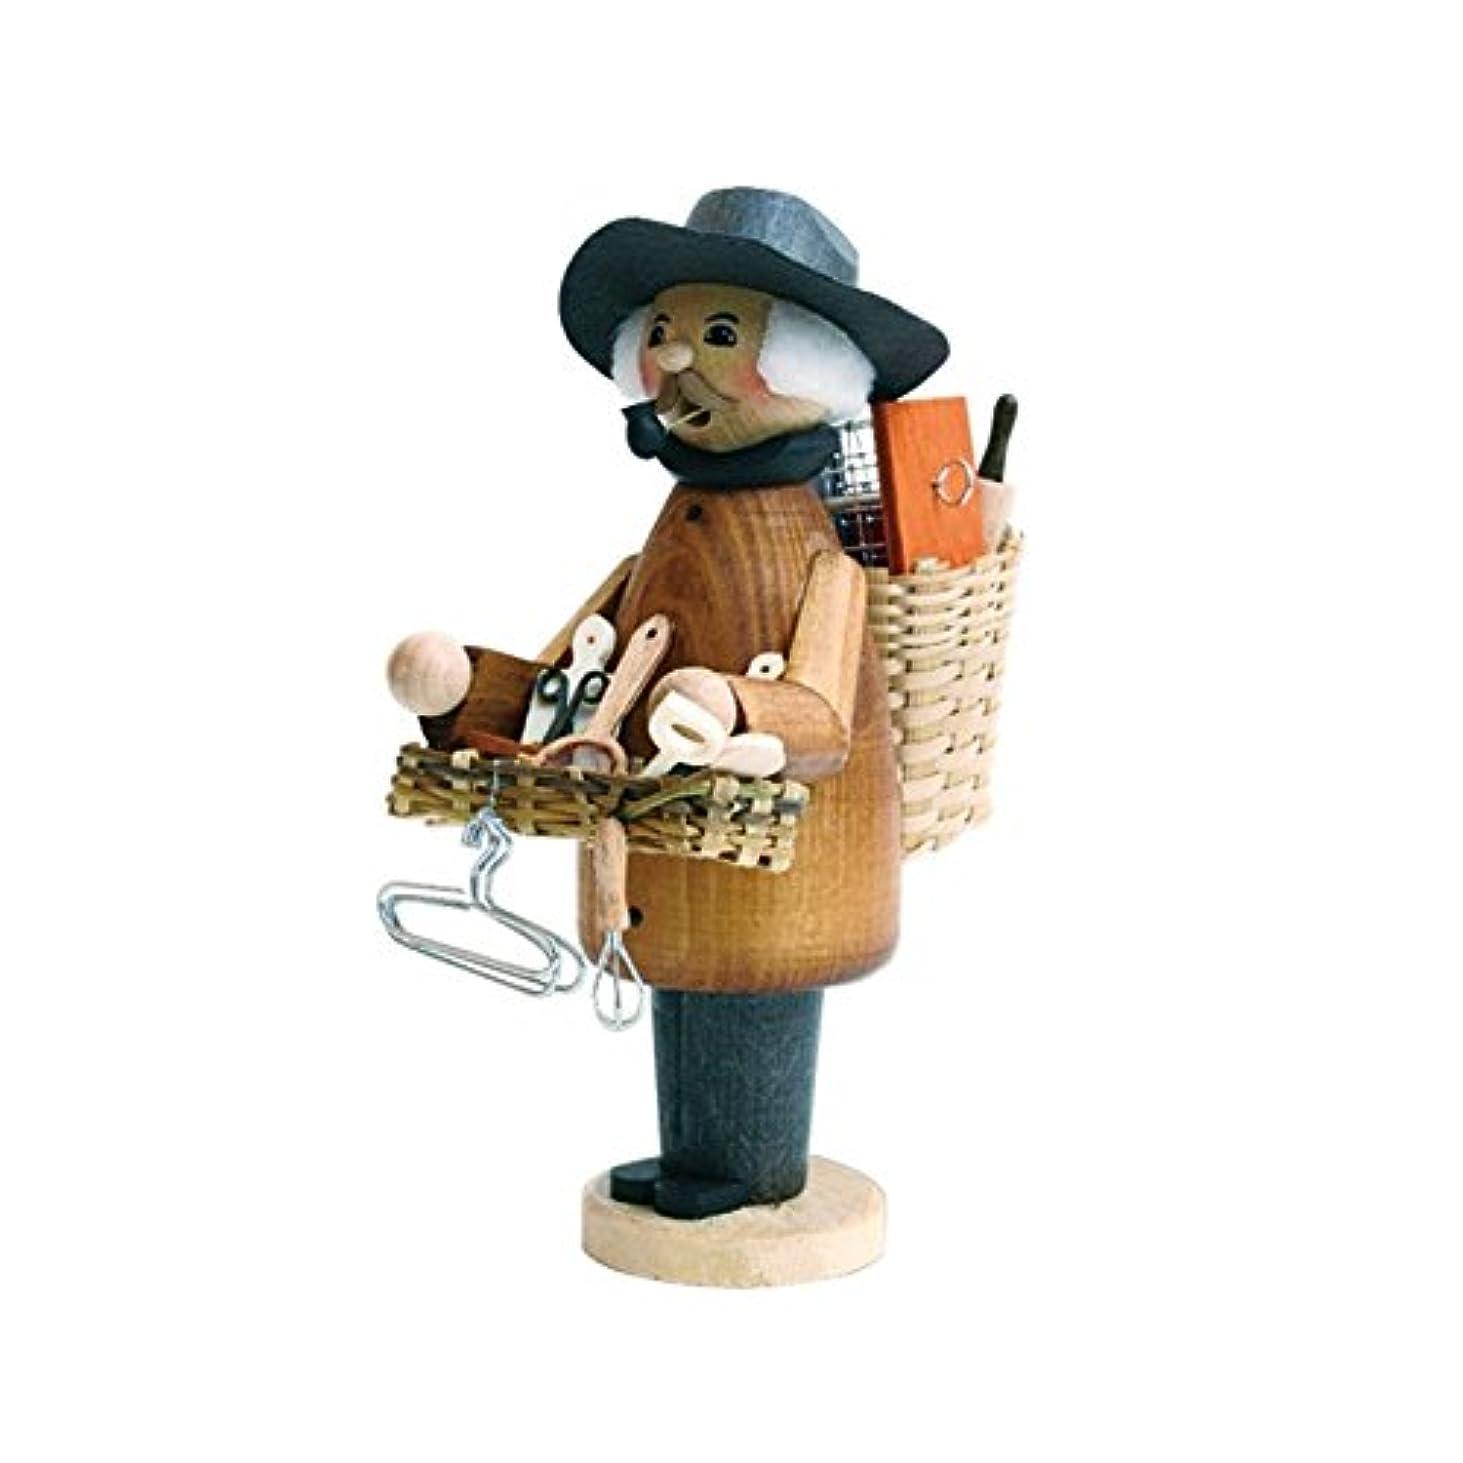 抵当武器かろうじてクーネルト ミニパイプ人形香炉 道具売り